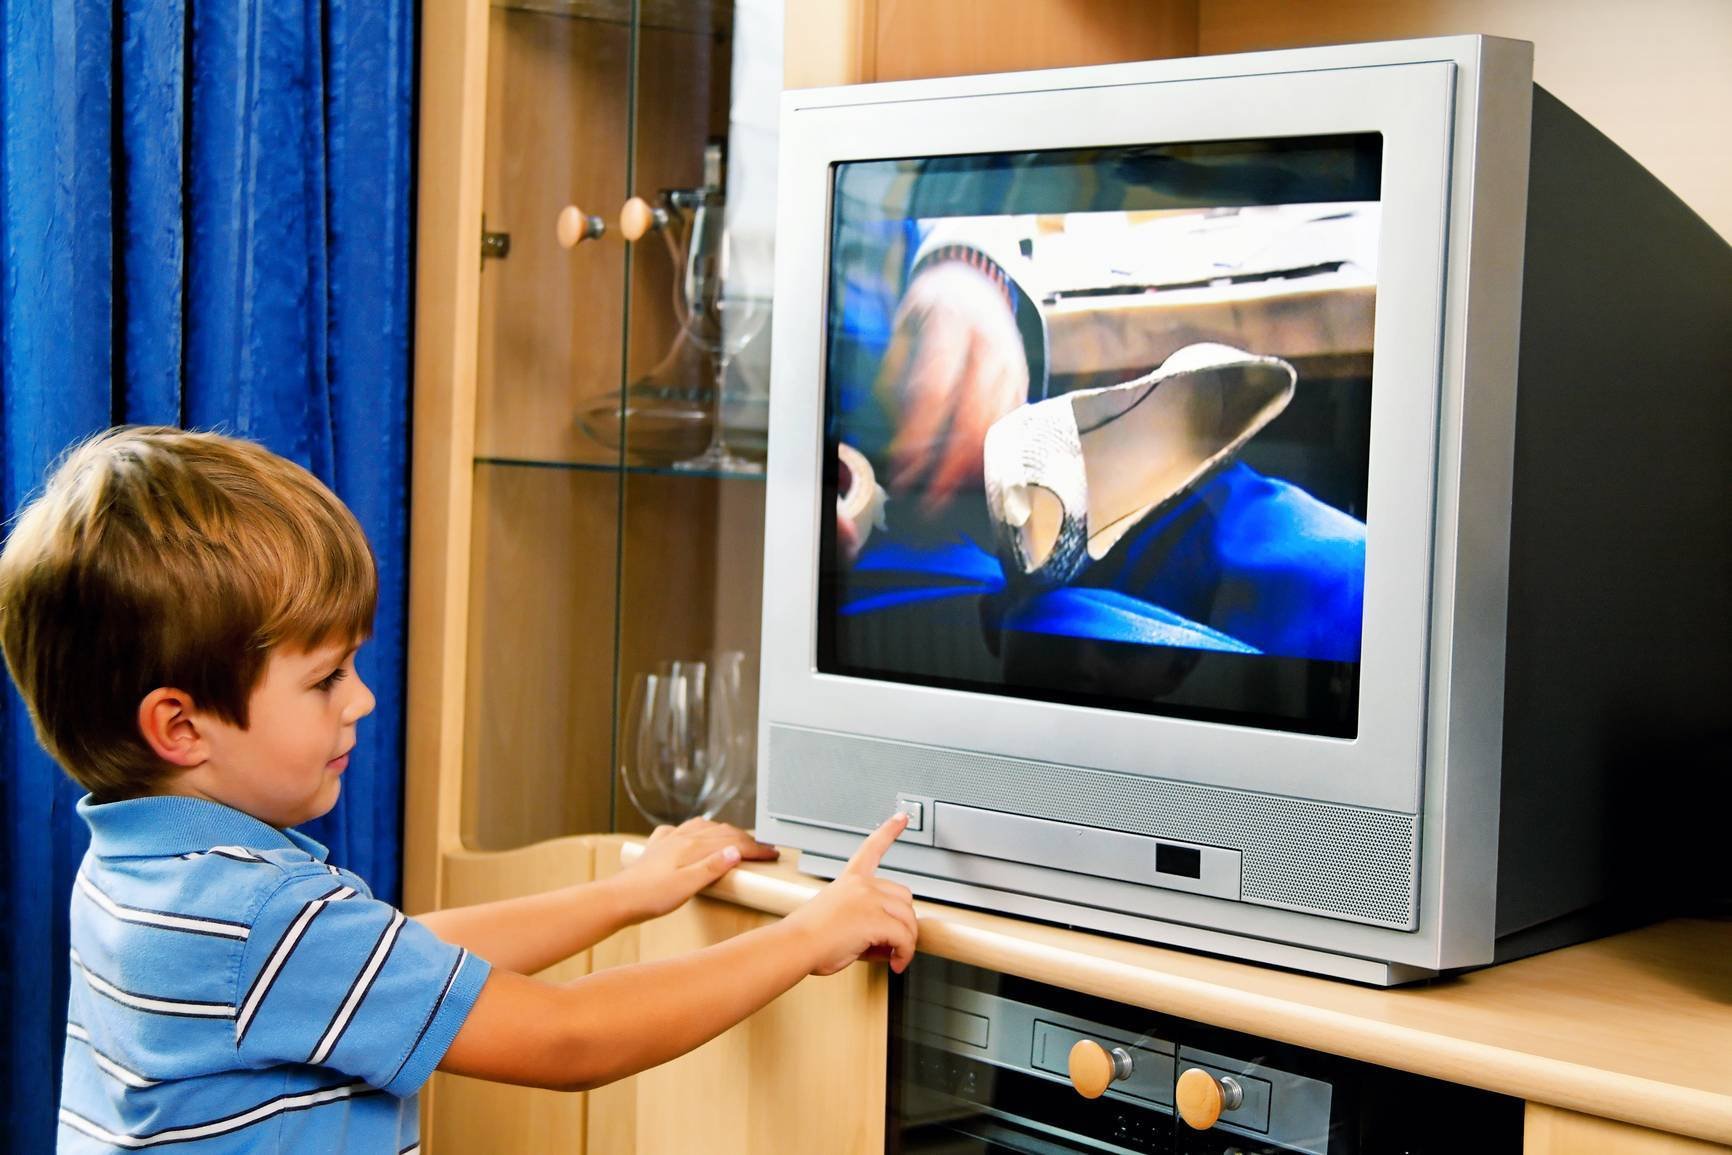 Можно ли грудничку смотреть телевизор